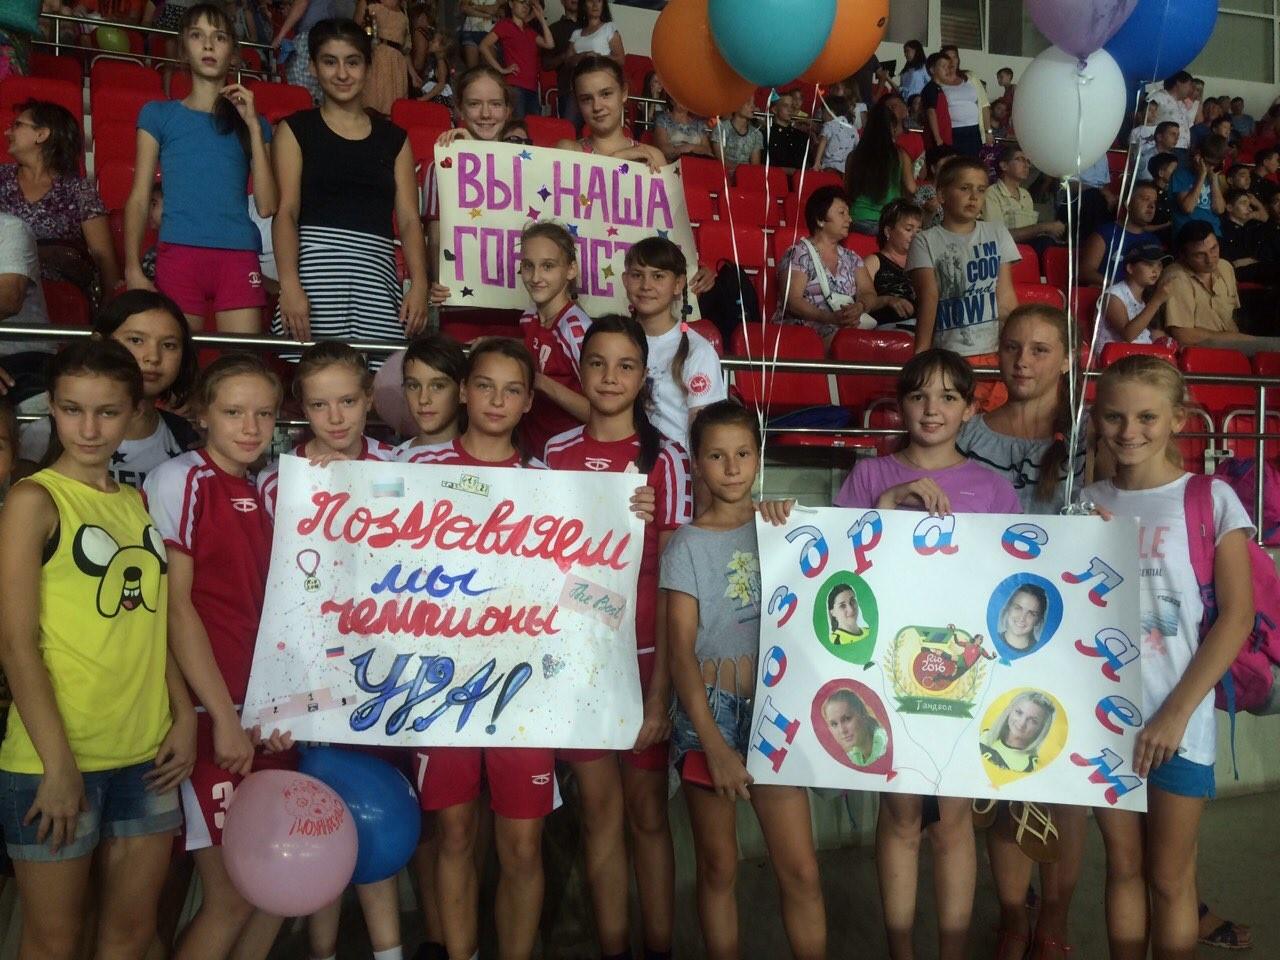 Встреча олимпийских чемпионок в СК «Звездный»